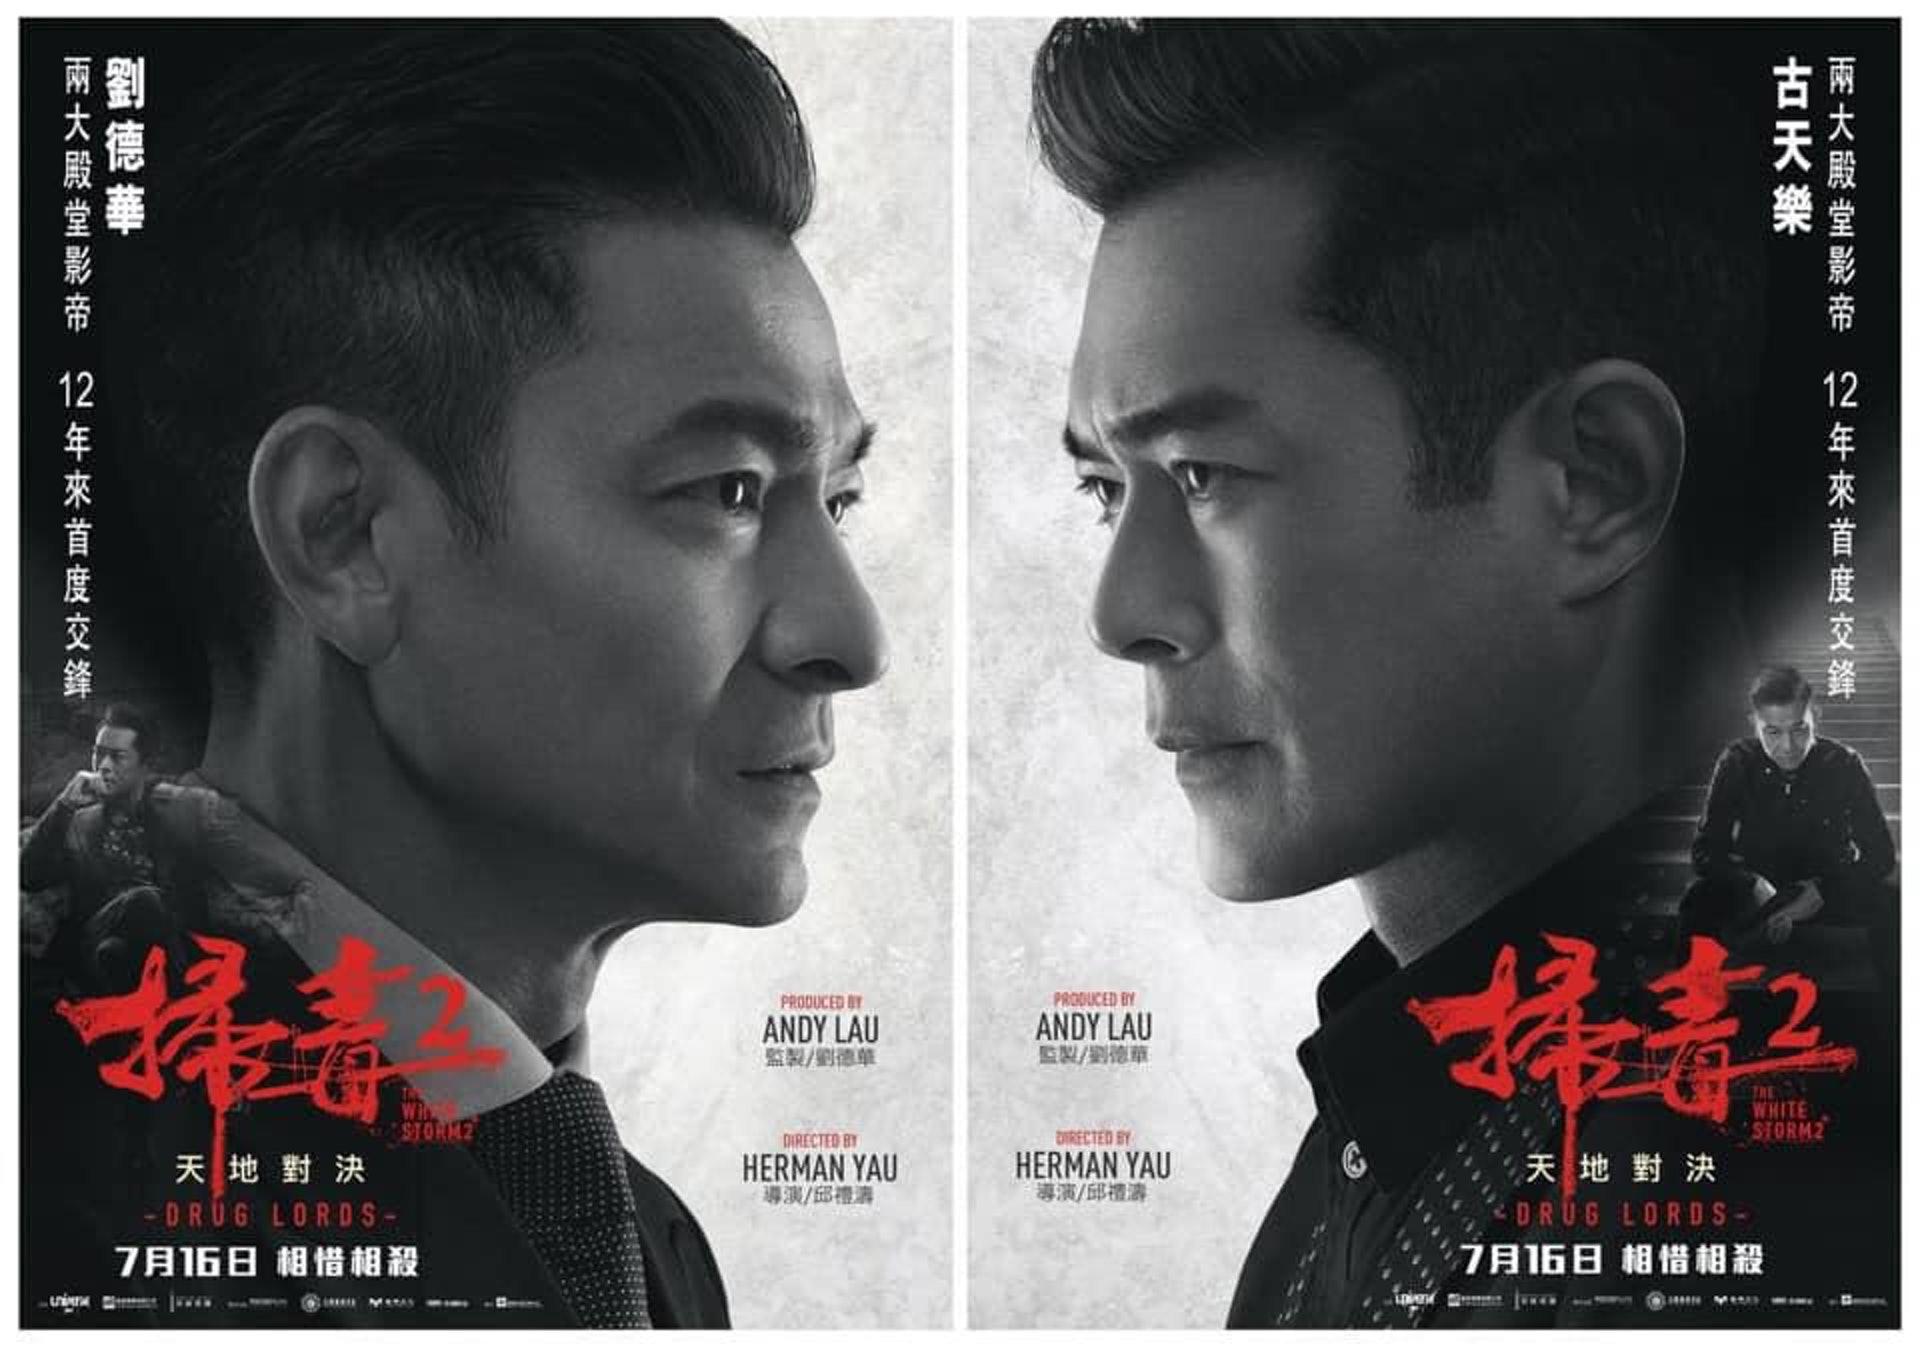 最新海報釋出,兩大型男劉德華與古天樂霸氣對峙。(《掃毒2天地對決》海報)